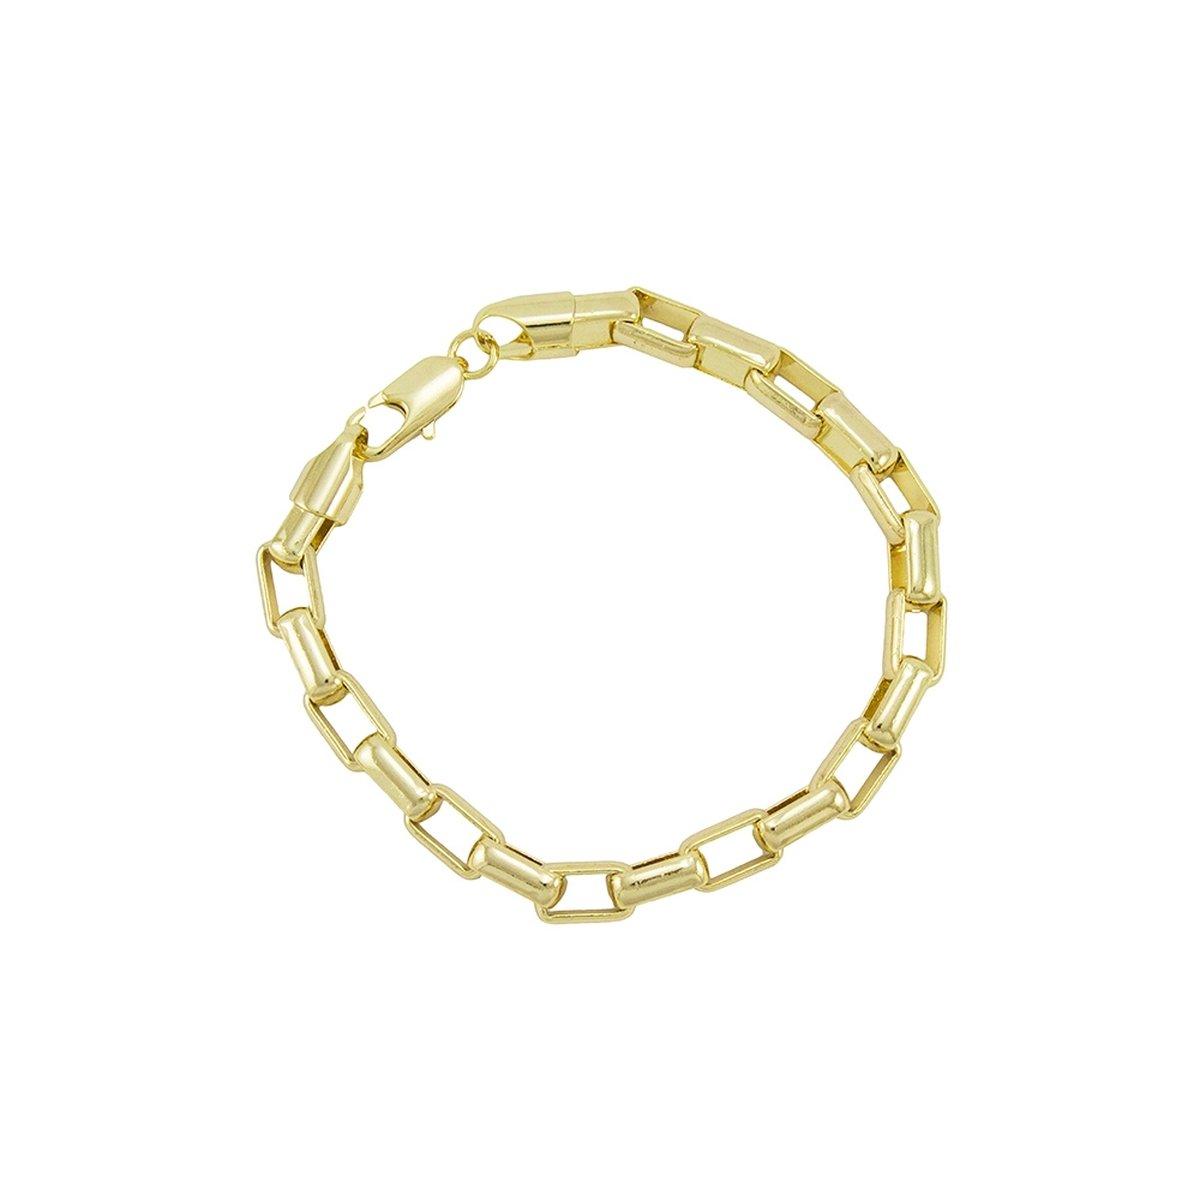 6568fb91c66 Pulseira feminina de ouro 18k malha cartier com pedras rosas - Aubra Joias